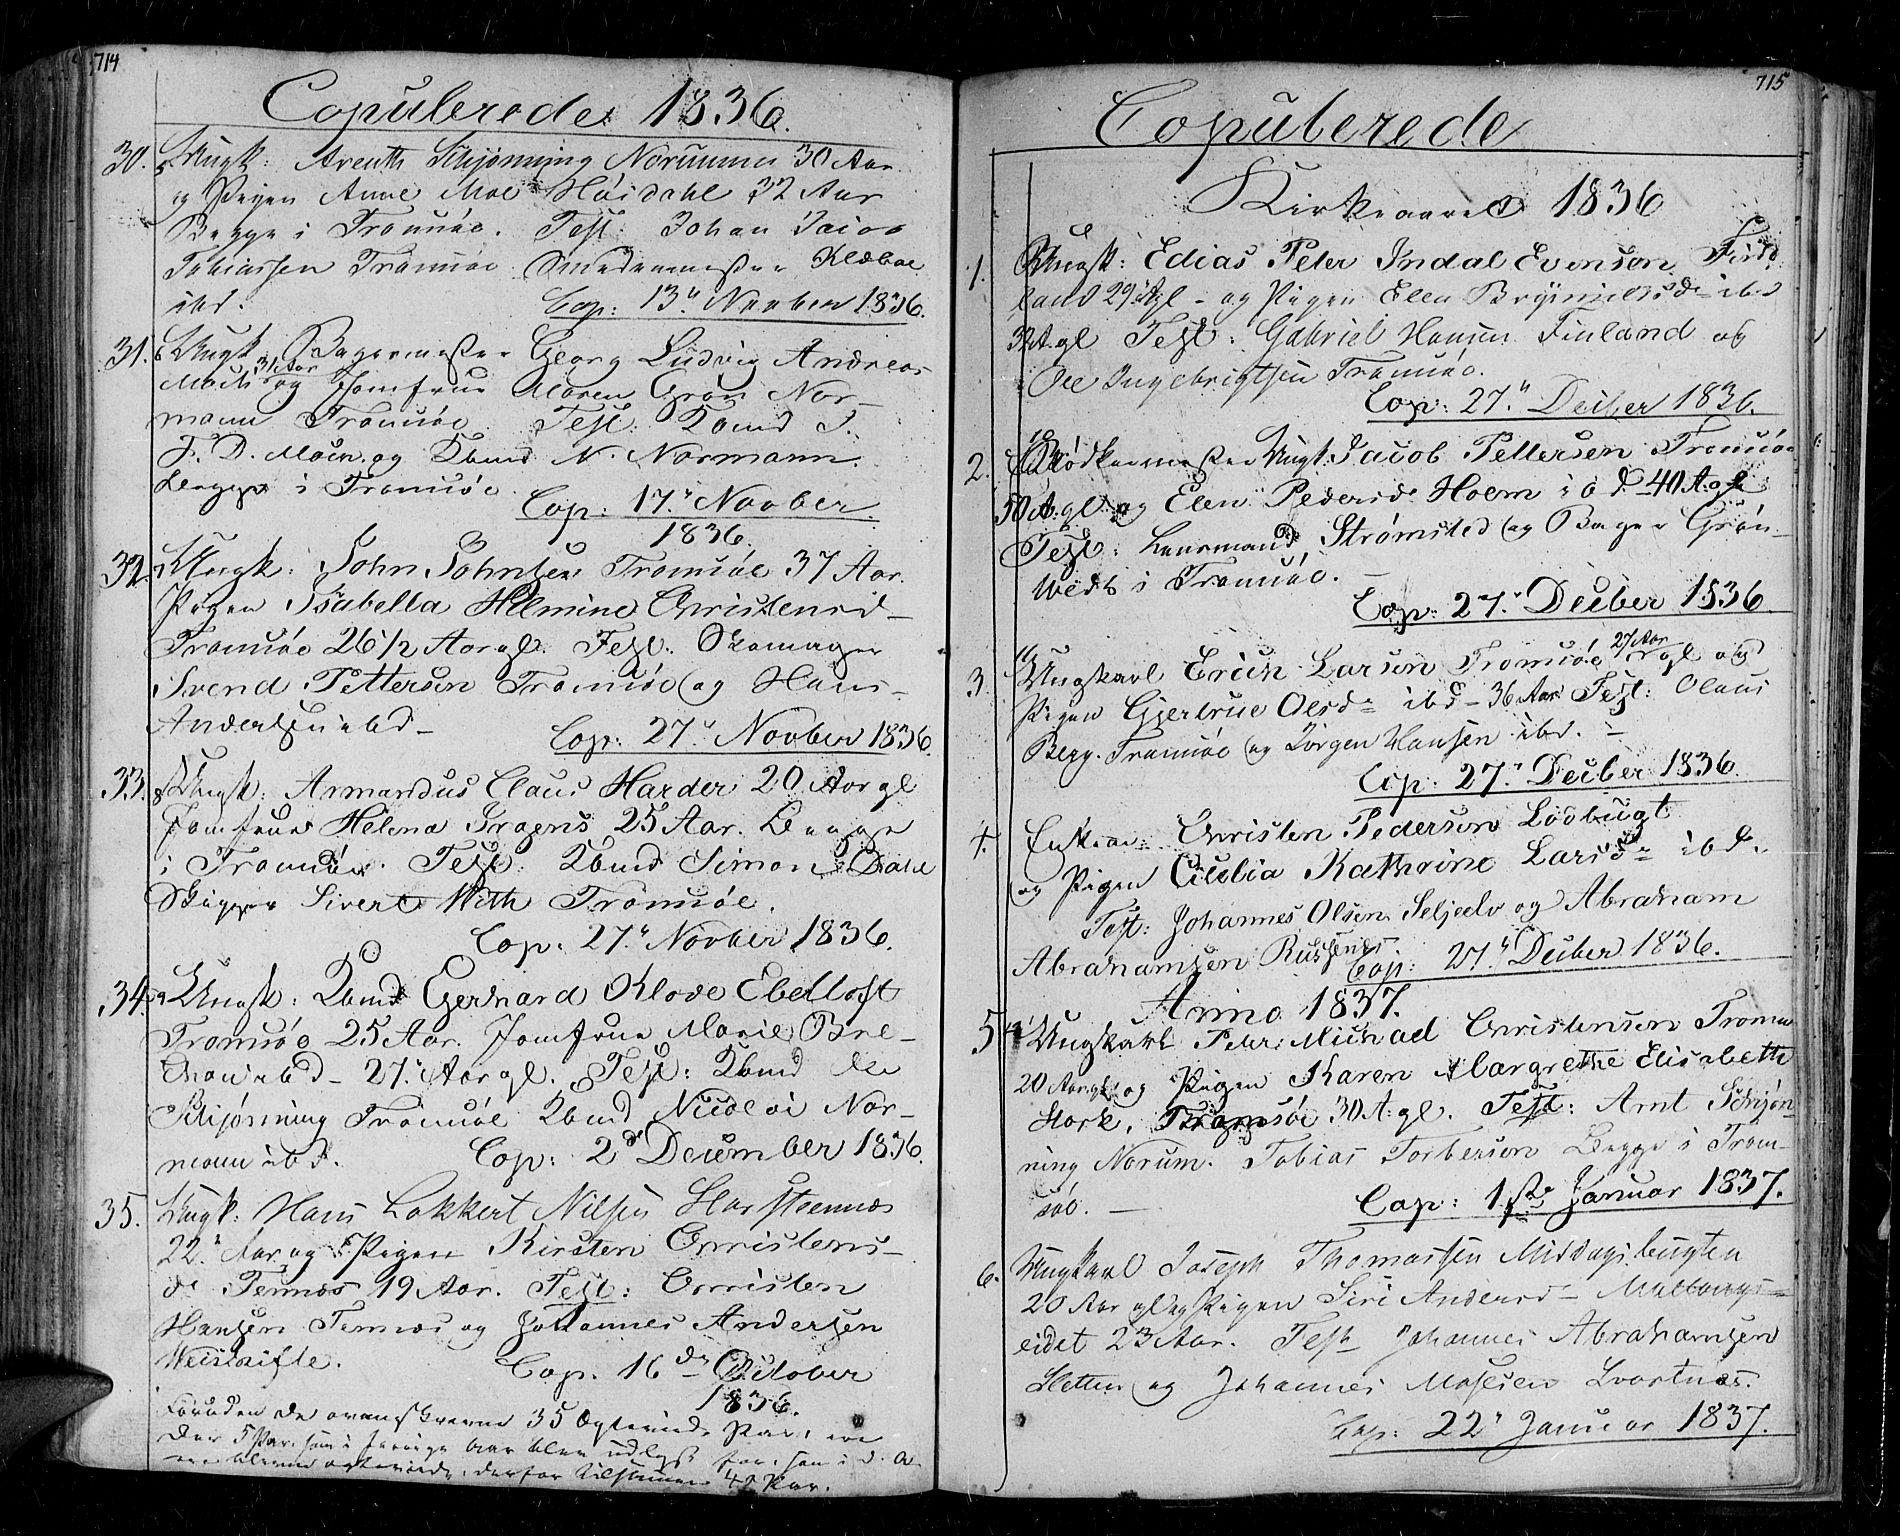 SATØ, Tromsø sokneprestkontor/stiftsprosti/domprosti, G/Ga/L0008kirke: Ministerialbok nr. 8, 1829-1837, s. 714-715